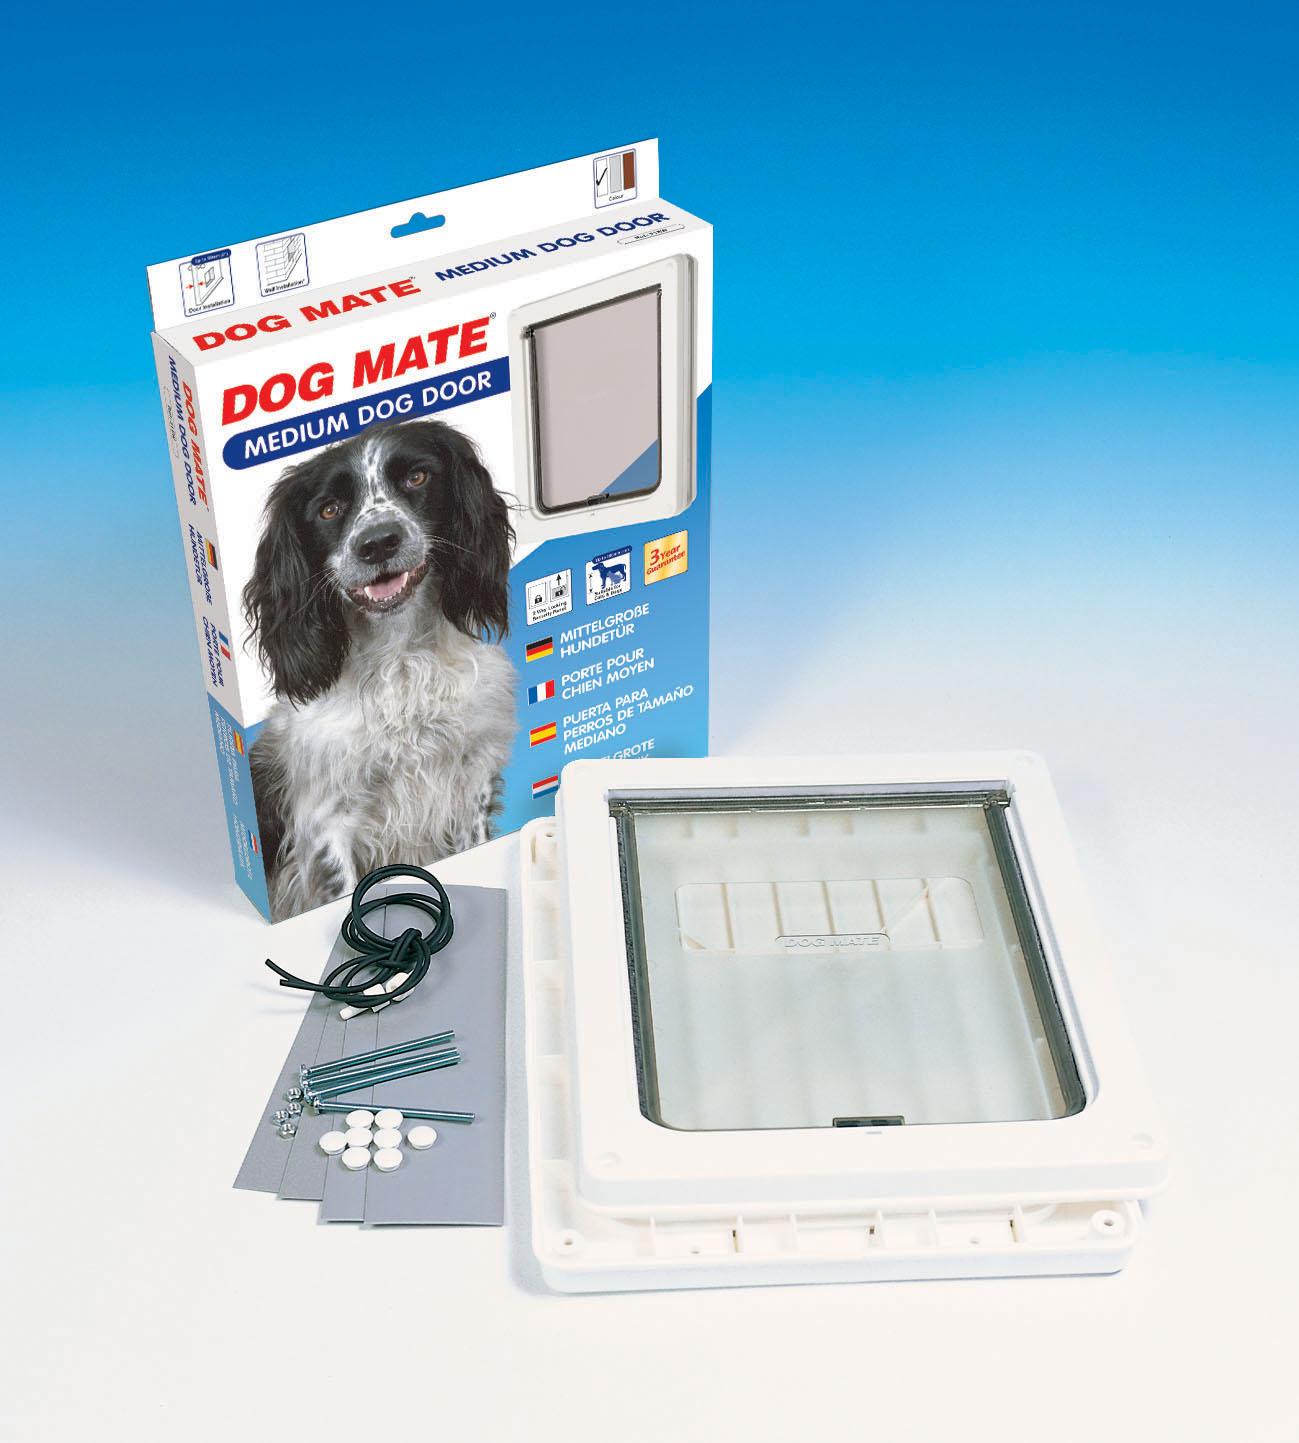 Dogmate Dog Door With Liner Medium Size Brown